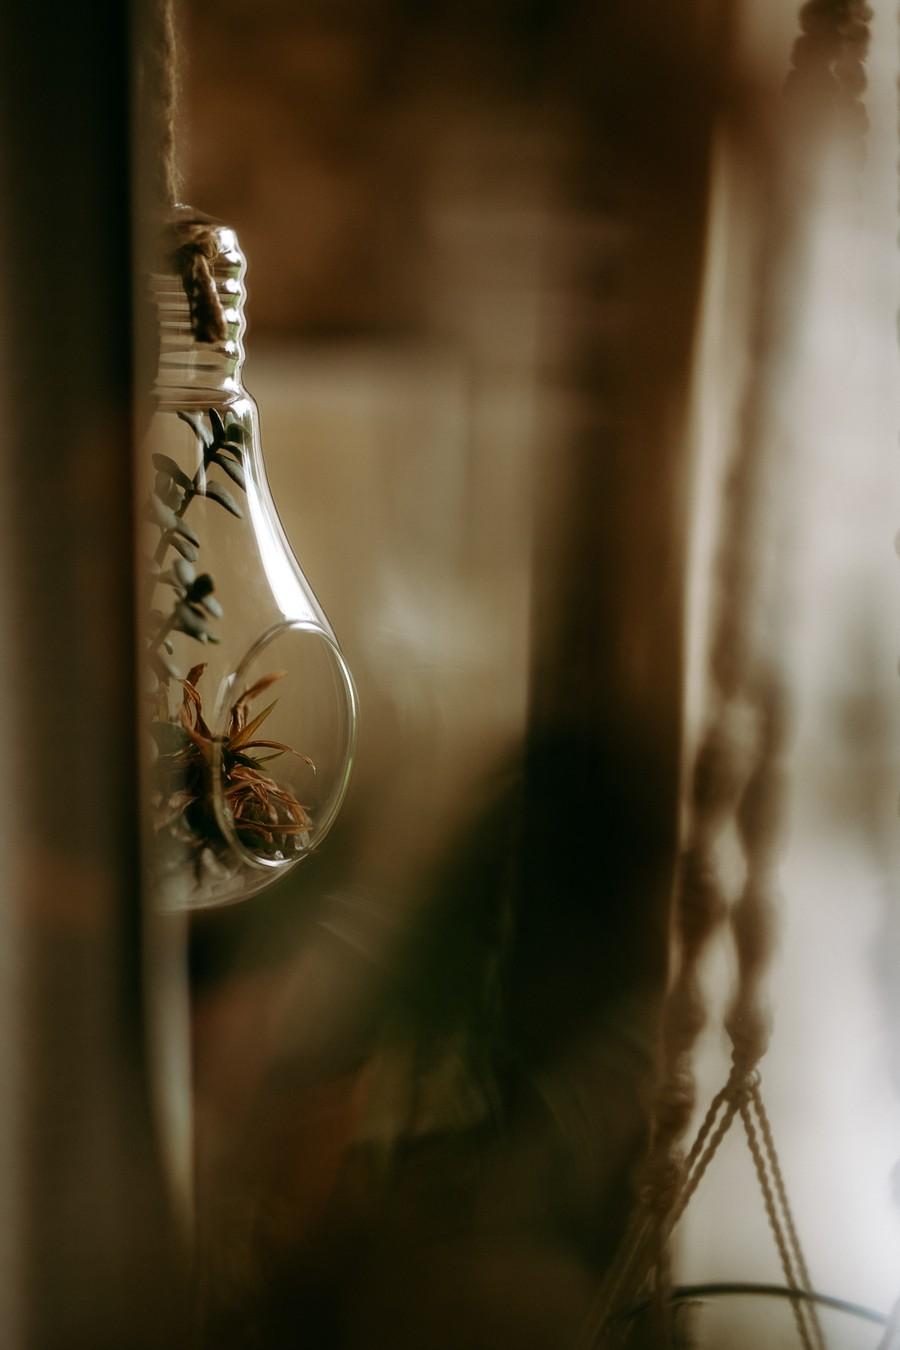 verre plantes ampoule reflets lumière défi coronavirus confinement covid-19